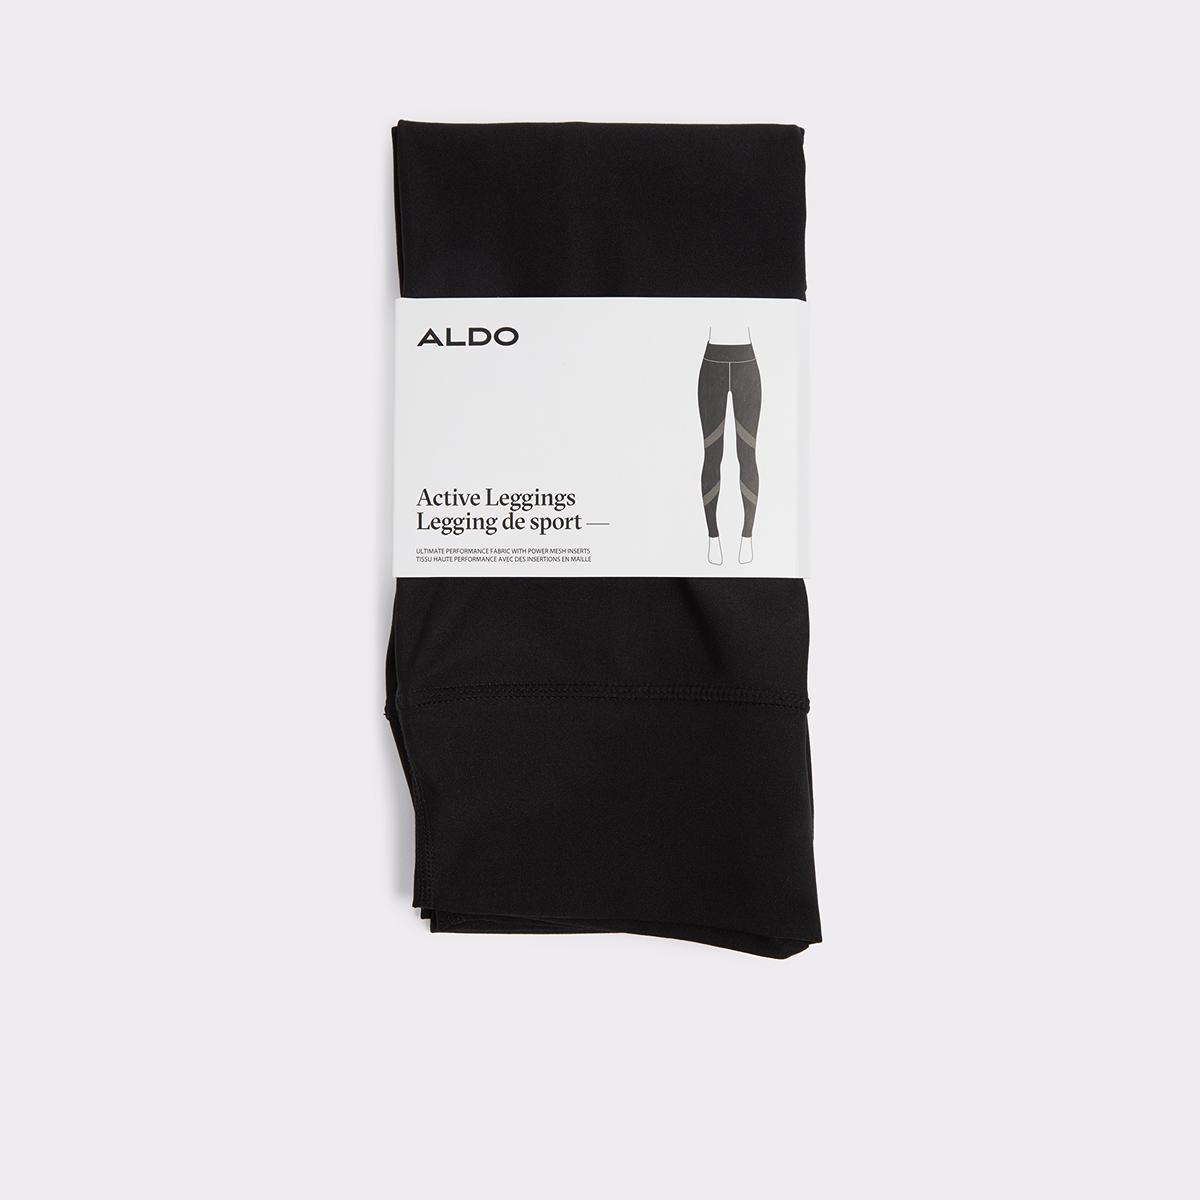 Astiade Black Women's Leggings, tights & socks | ALDO US at Aldo Shoes in Victor, NY | Tuggl